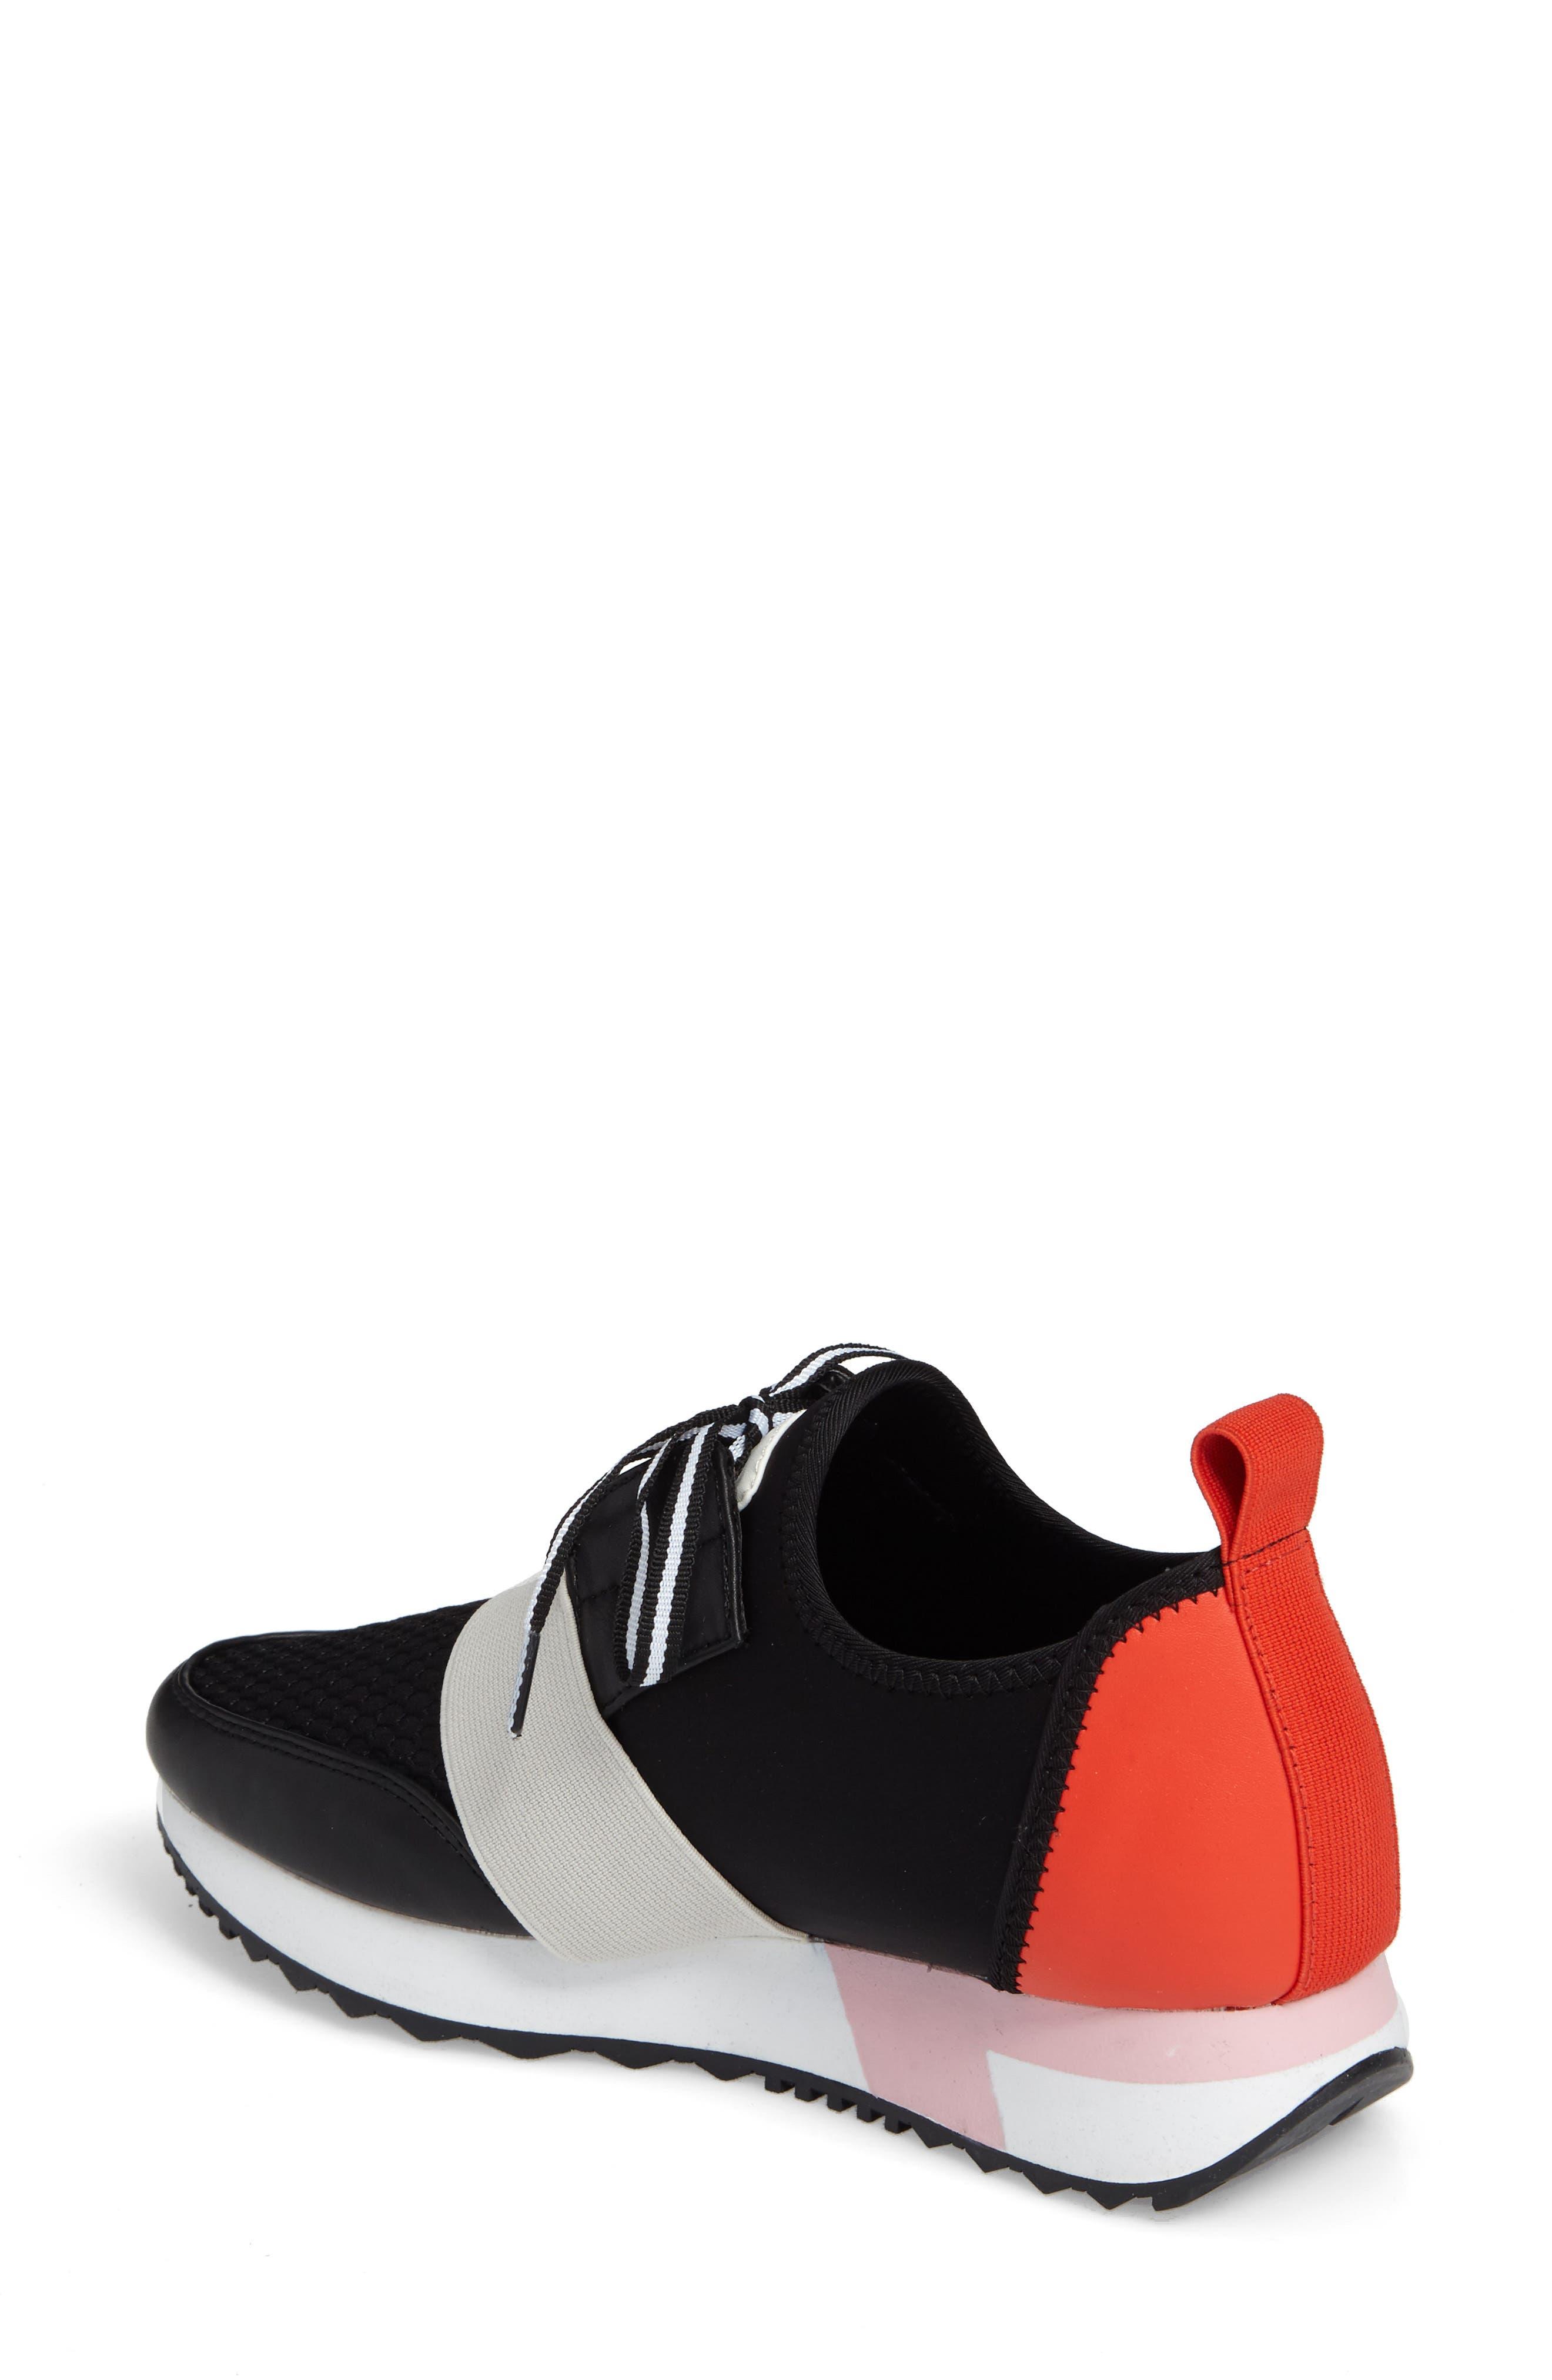 Alternate Image 2  - Steve Madden Antics Sneaker (Women)